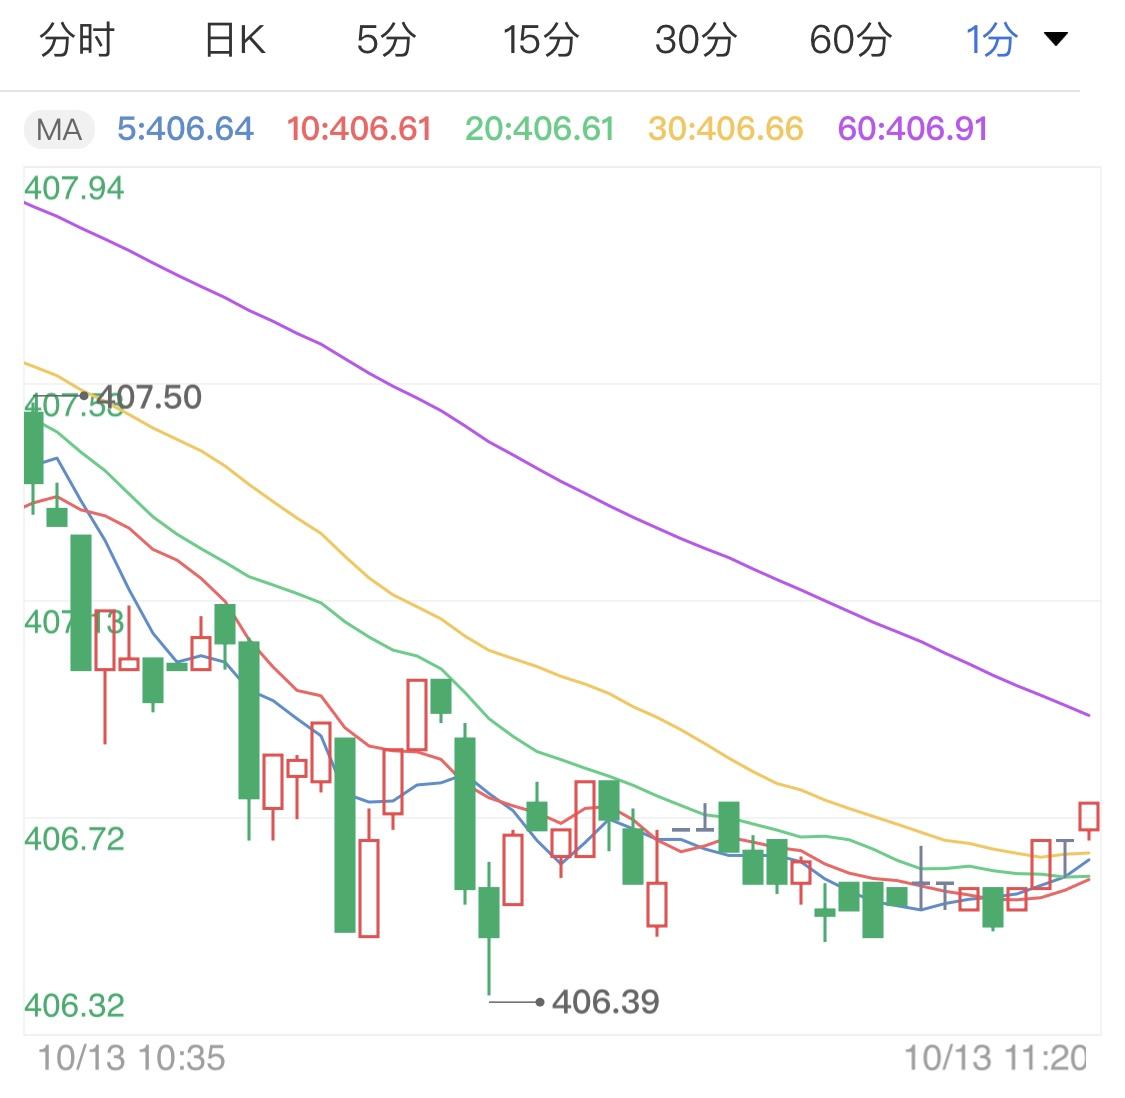 黄金市场消息不稳 黄金TD波幅受影响